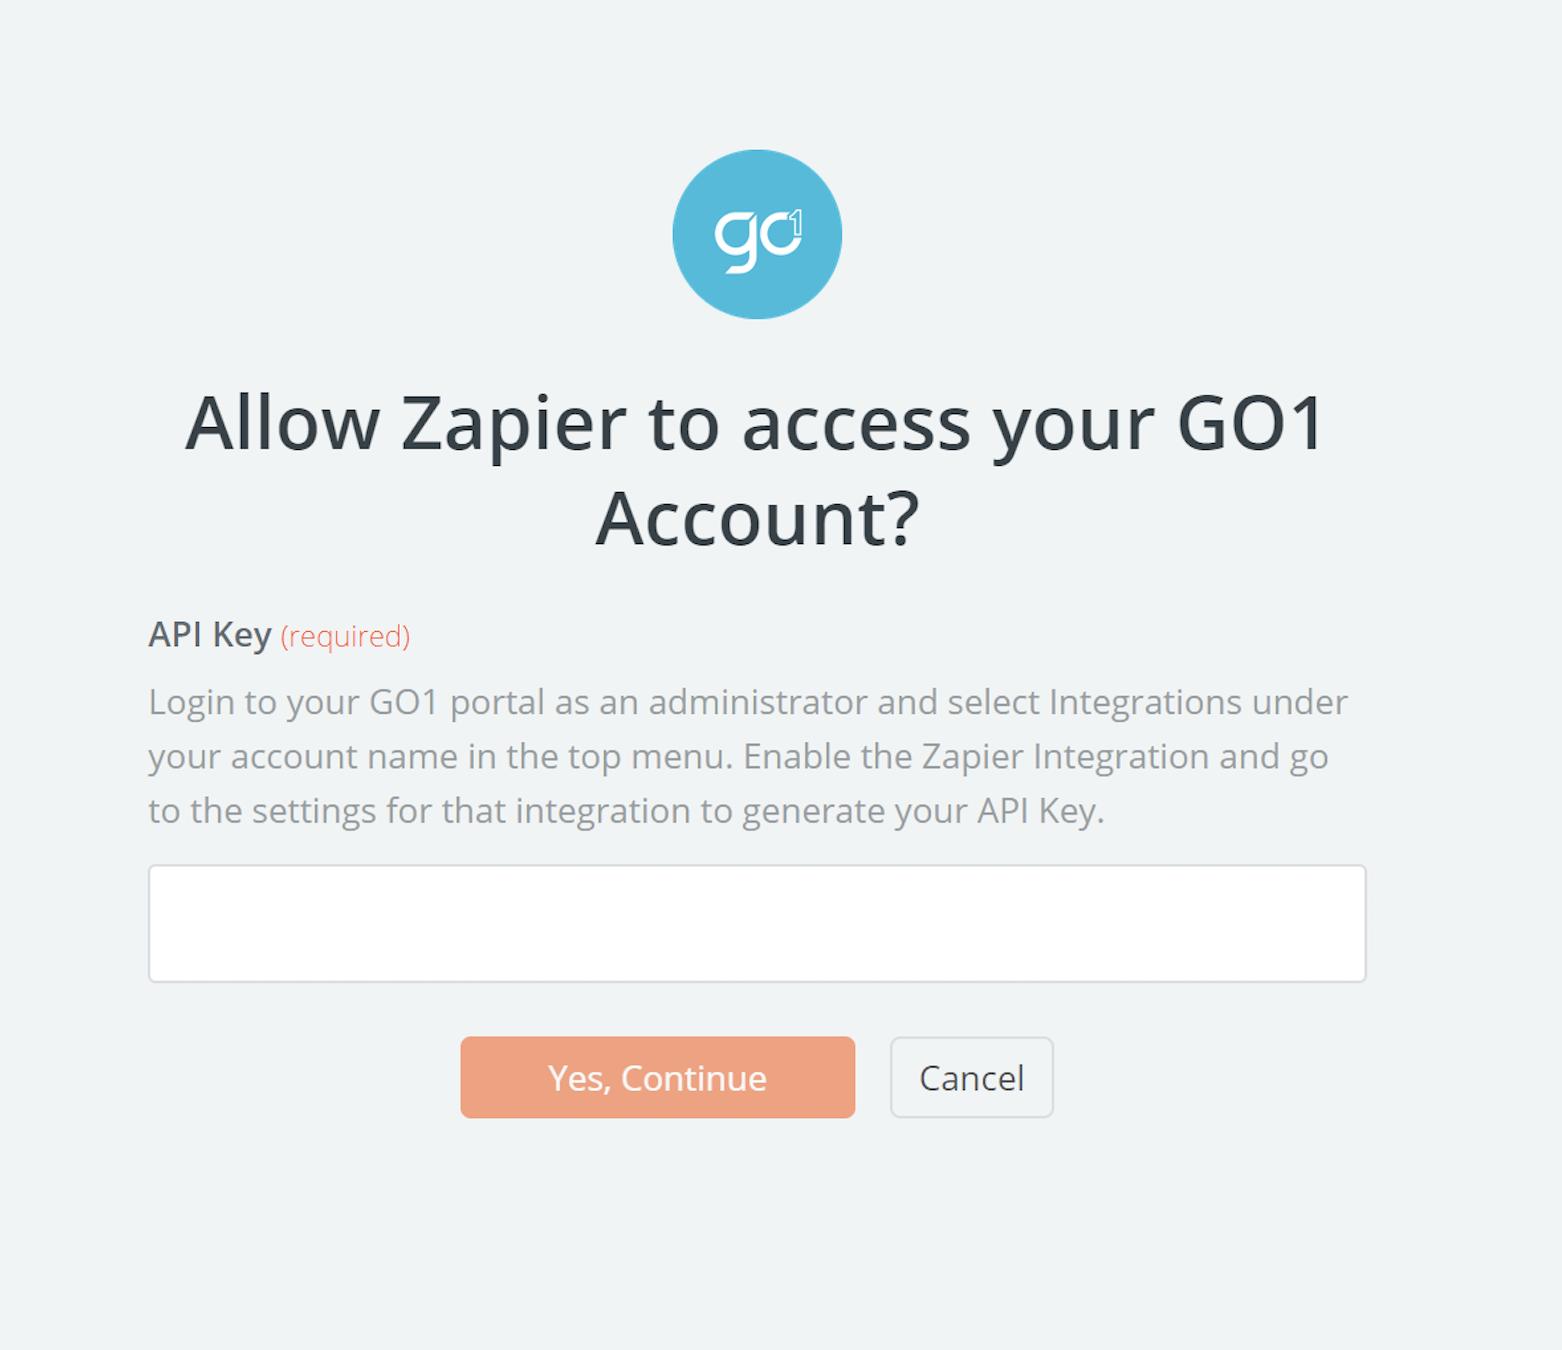 GO1 API Key